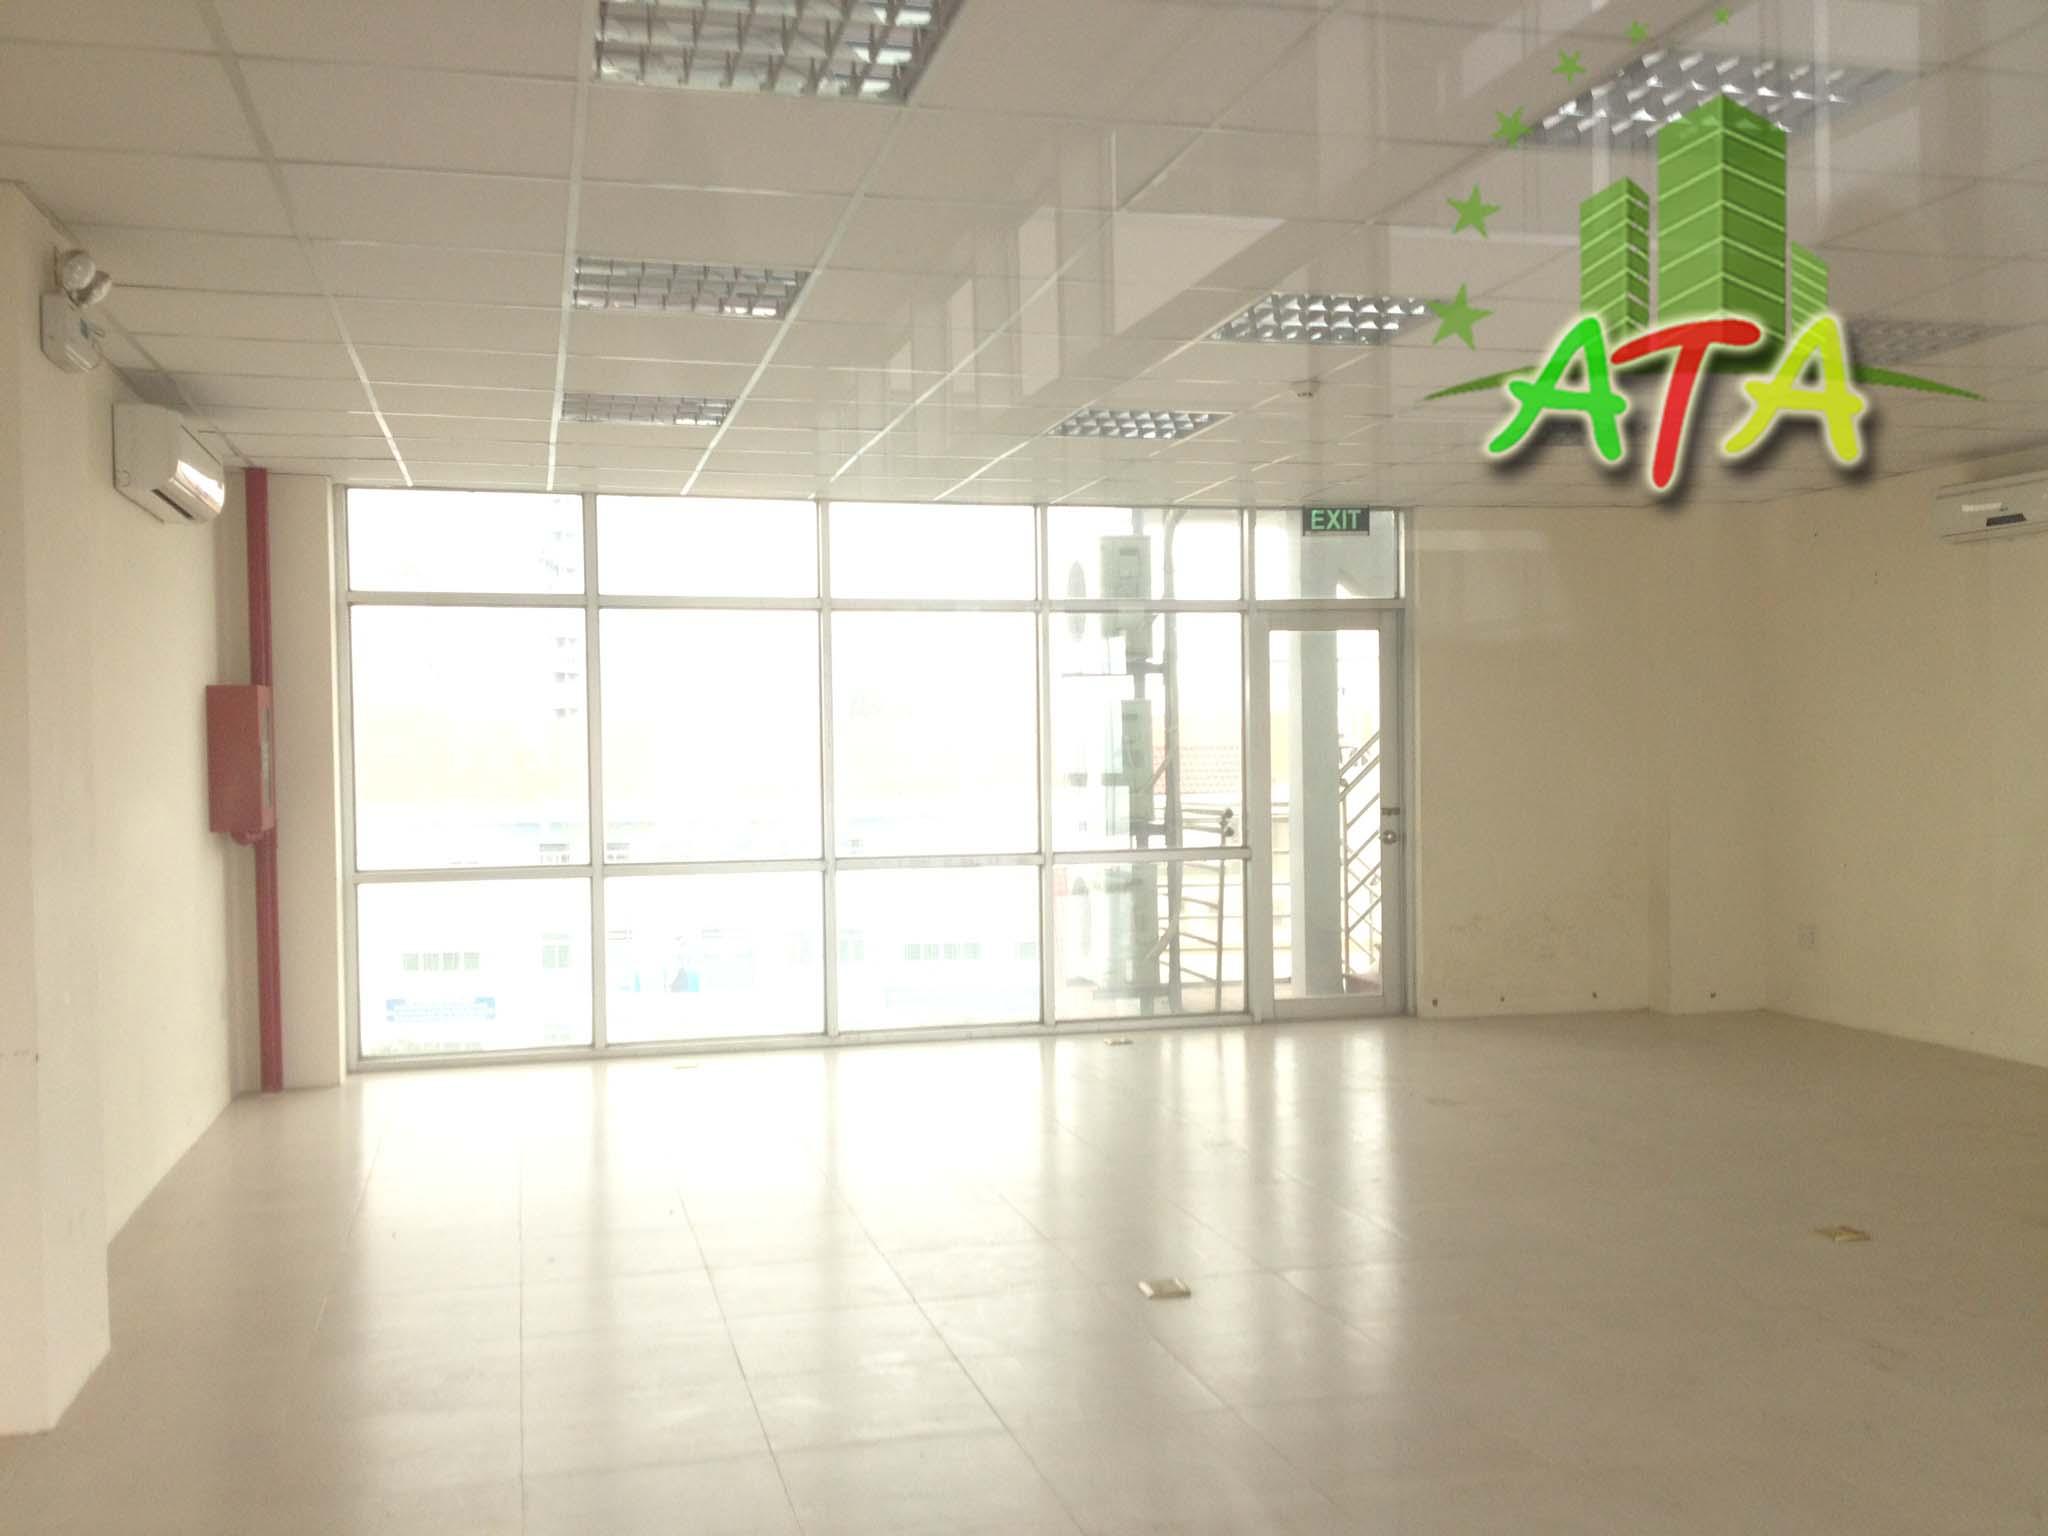 Văn phòng cho thuê quận Bình Thạnh giá rẻ, đường Hoàng Hoa Thám, Sân bay Tân Sơn Nhất,